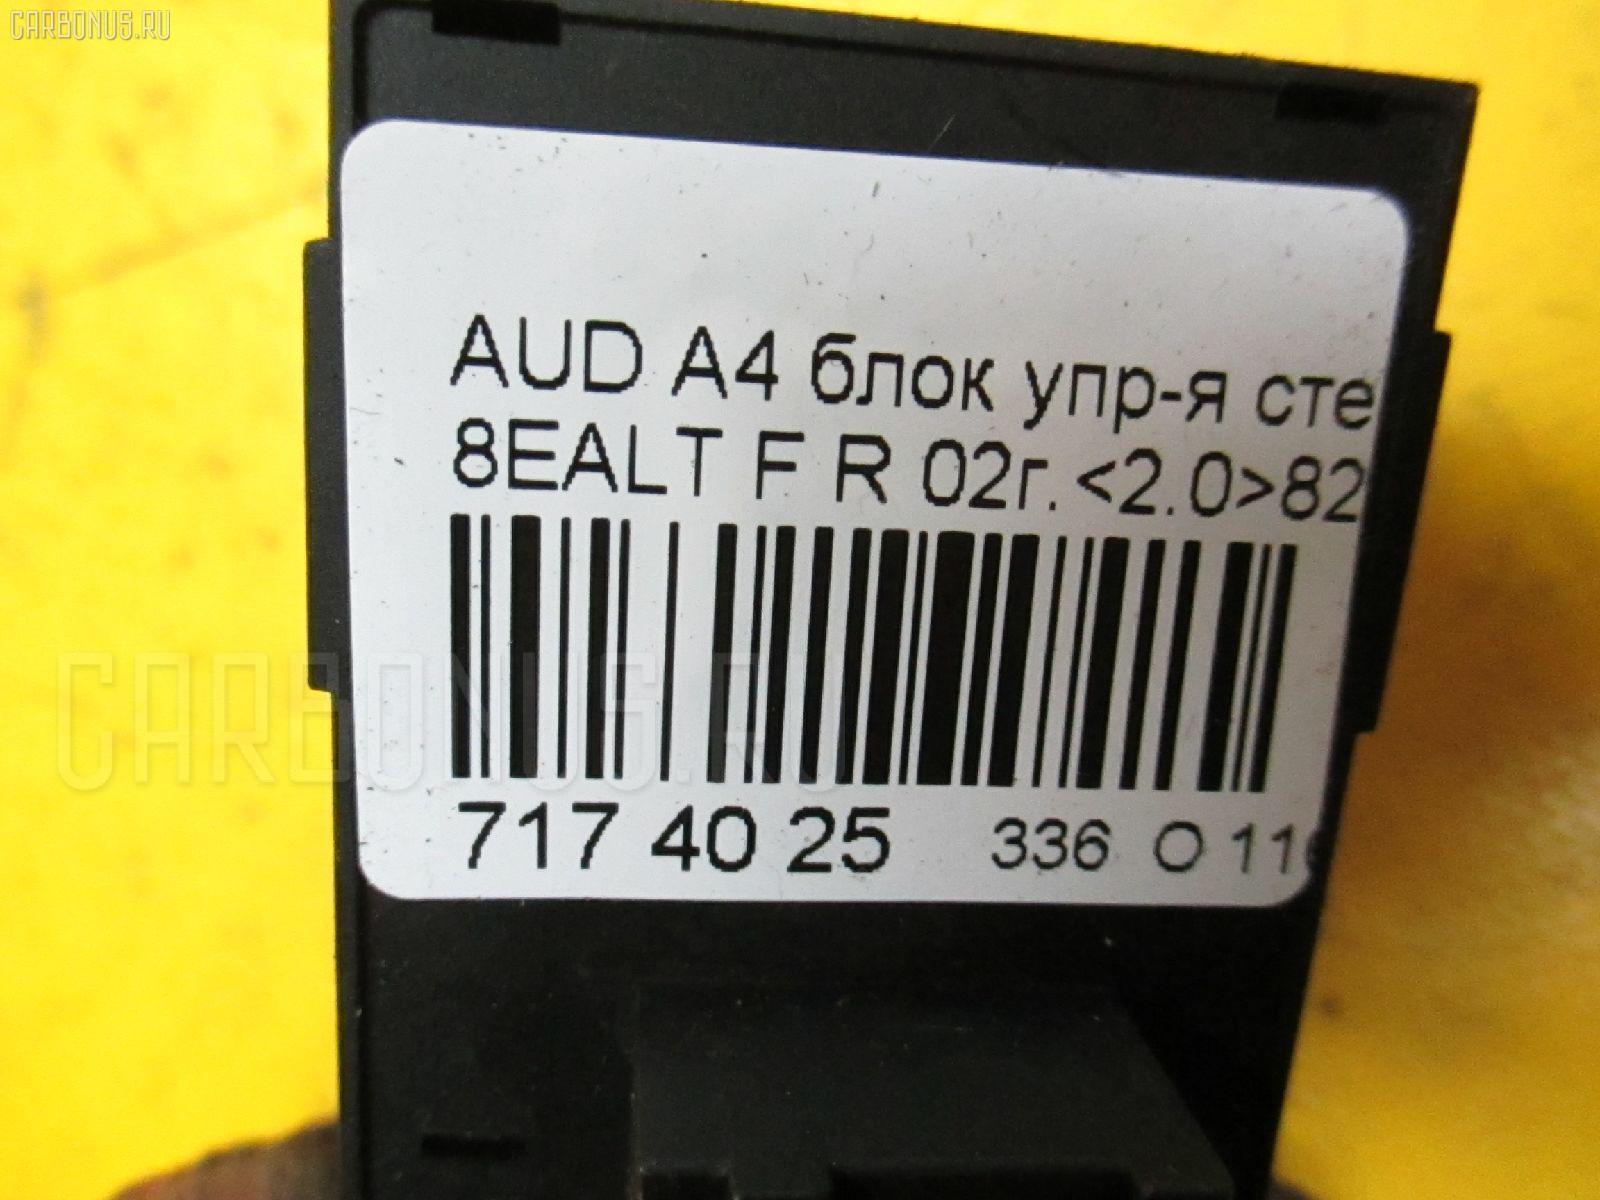 Блок упр-я стеклоподъемниками AUDI A4 8EALT Фото 3